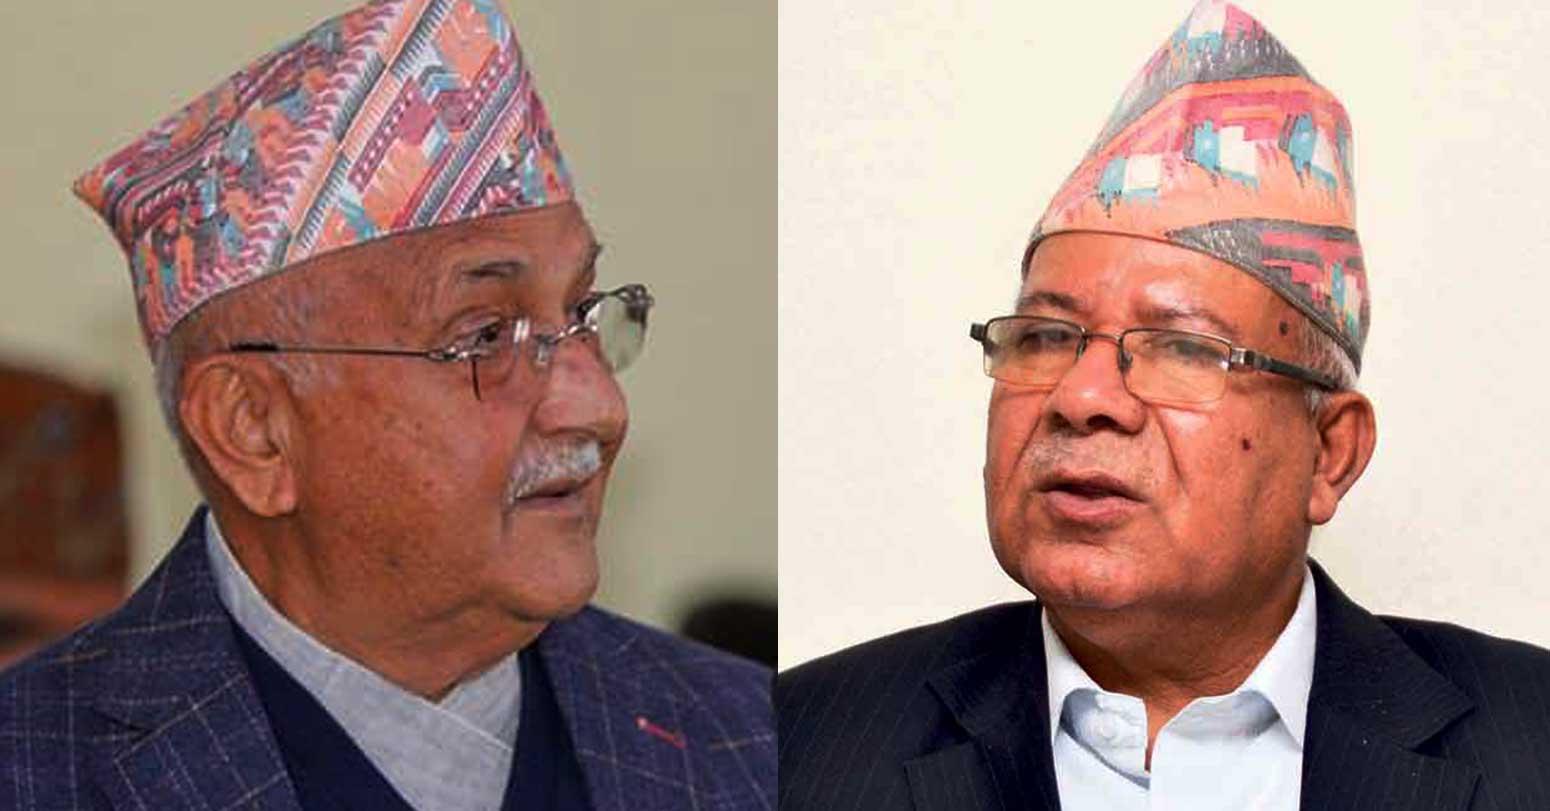 दुईधारमा विभाजित एमाले विवाद समाधानका लागि दोस्रो तहका नेता सक्रिय, ओली-नेपालबीच छिट्टै वार्ता